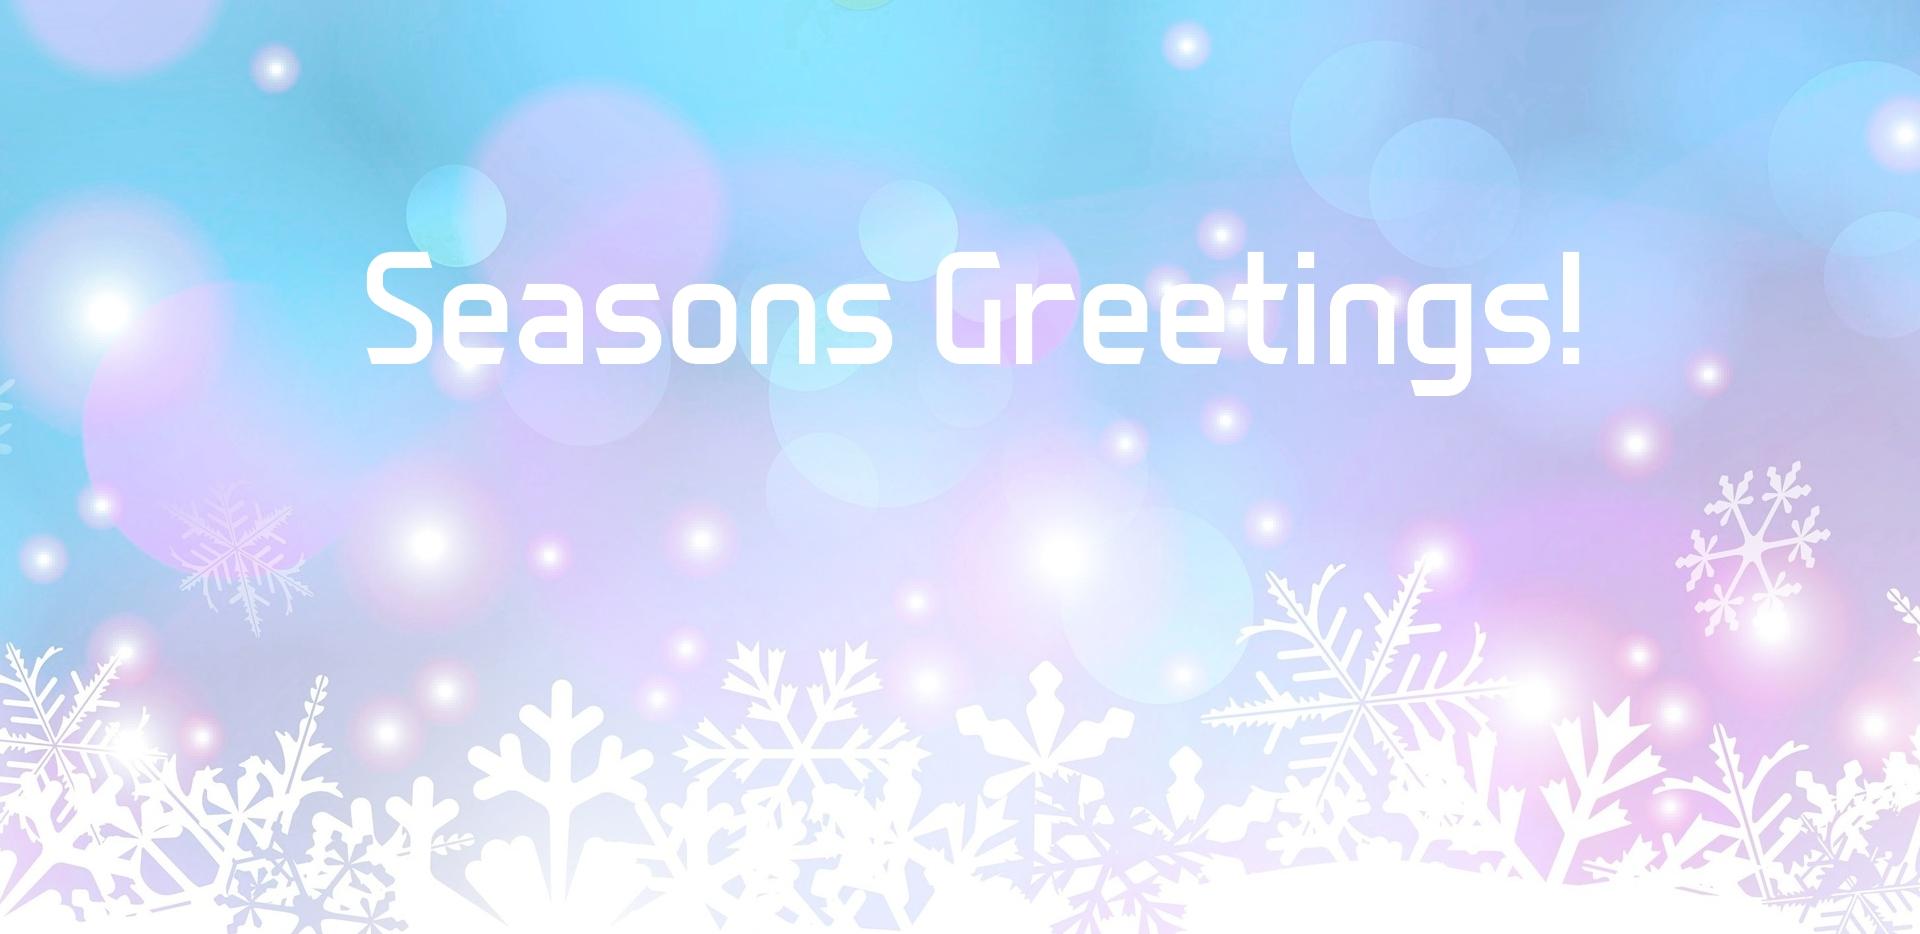 seasons-greetings2